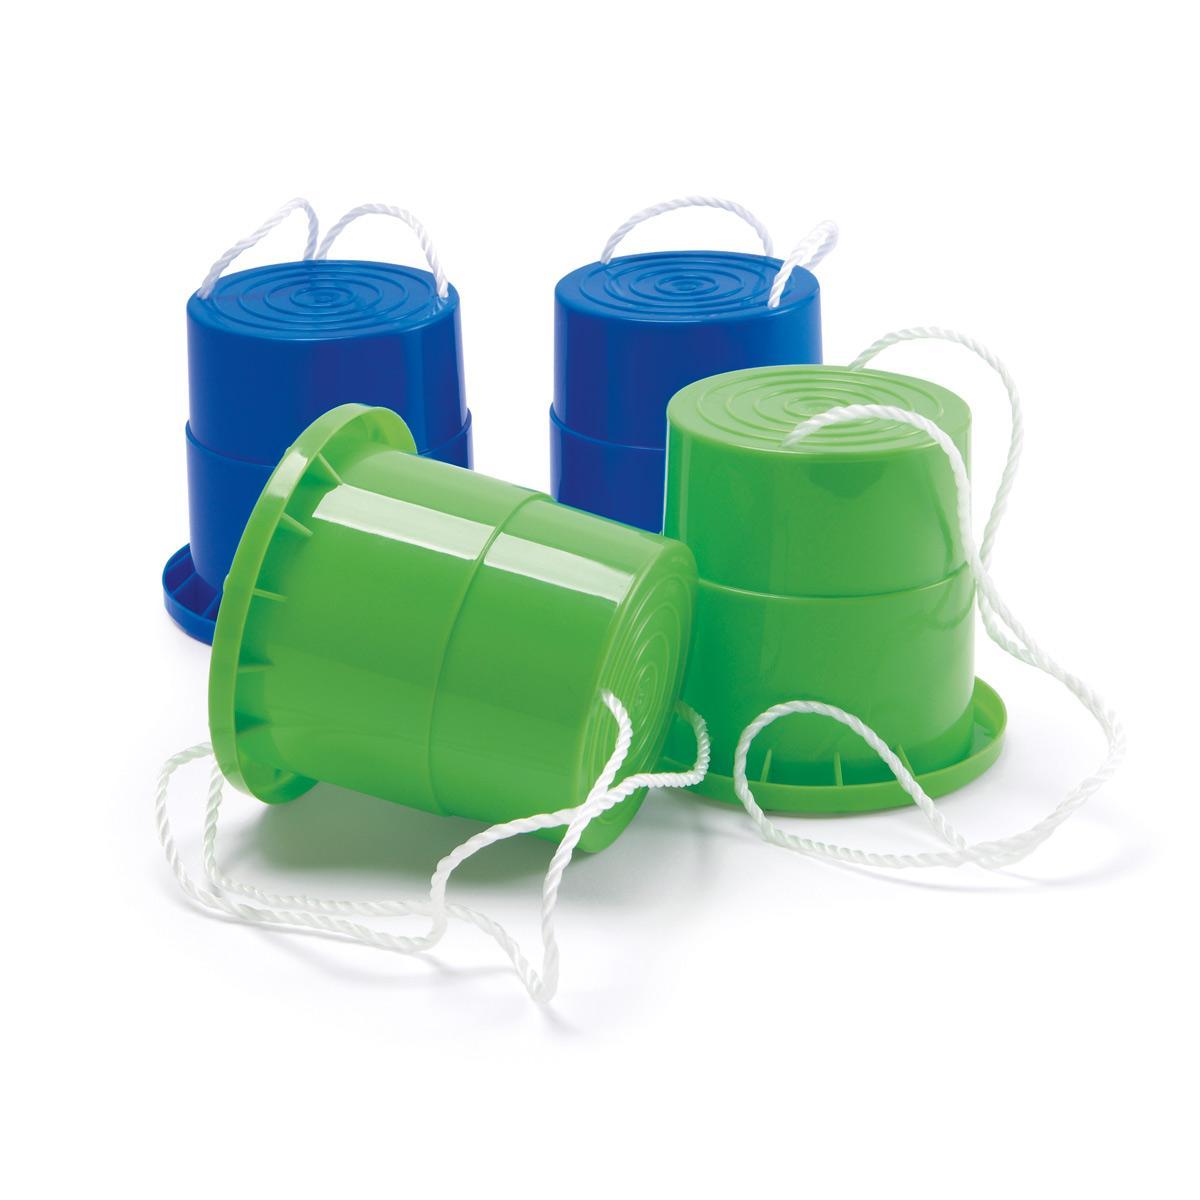 2 paires de sabots échasses bleues et vertes